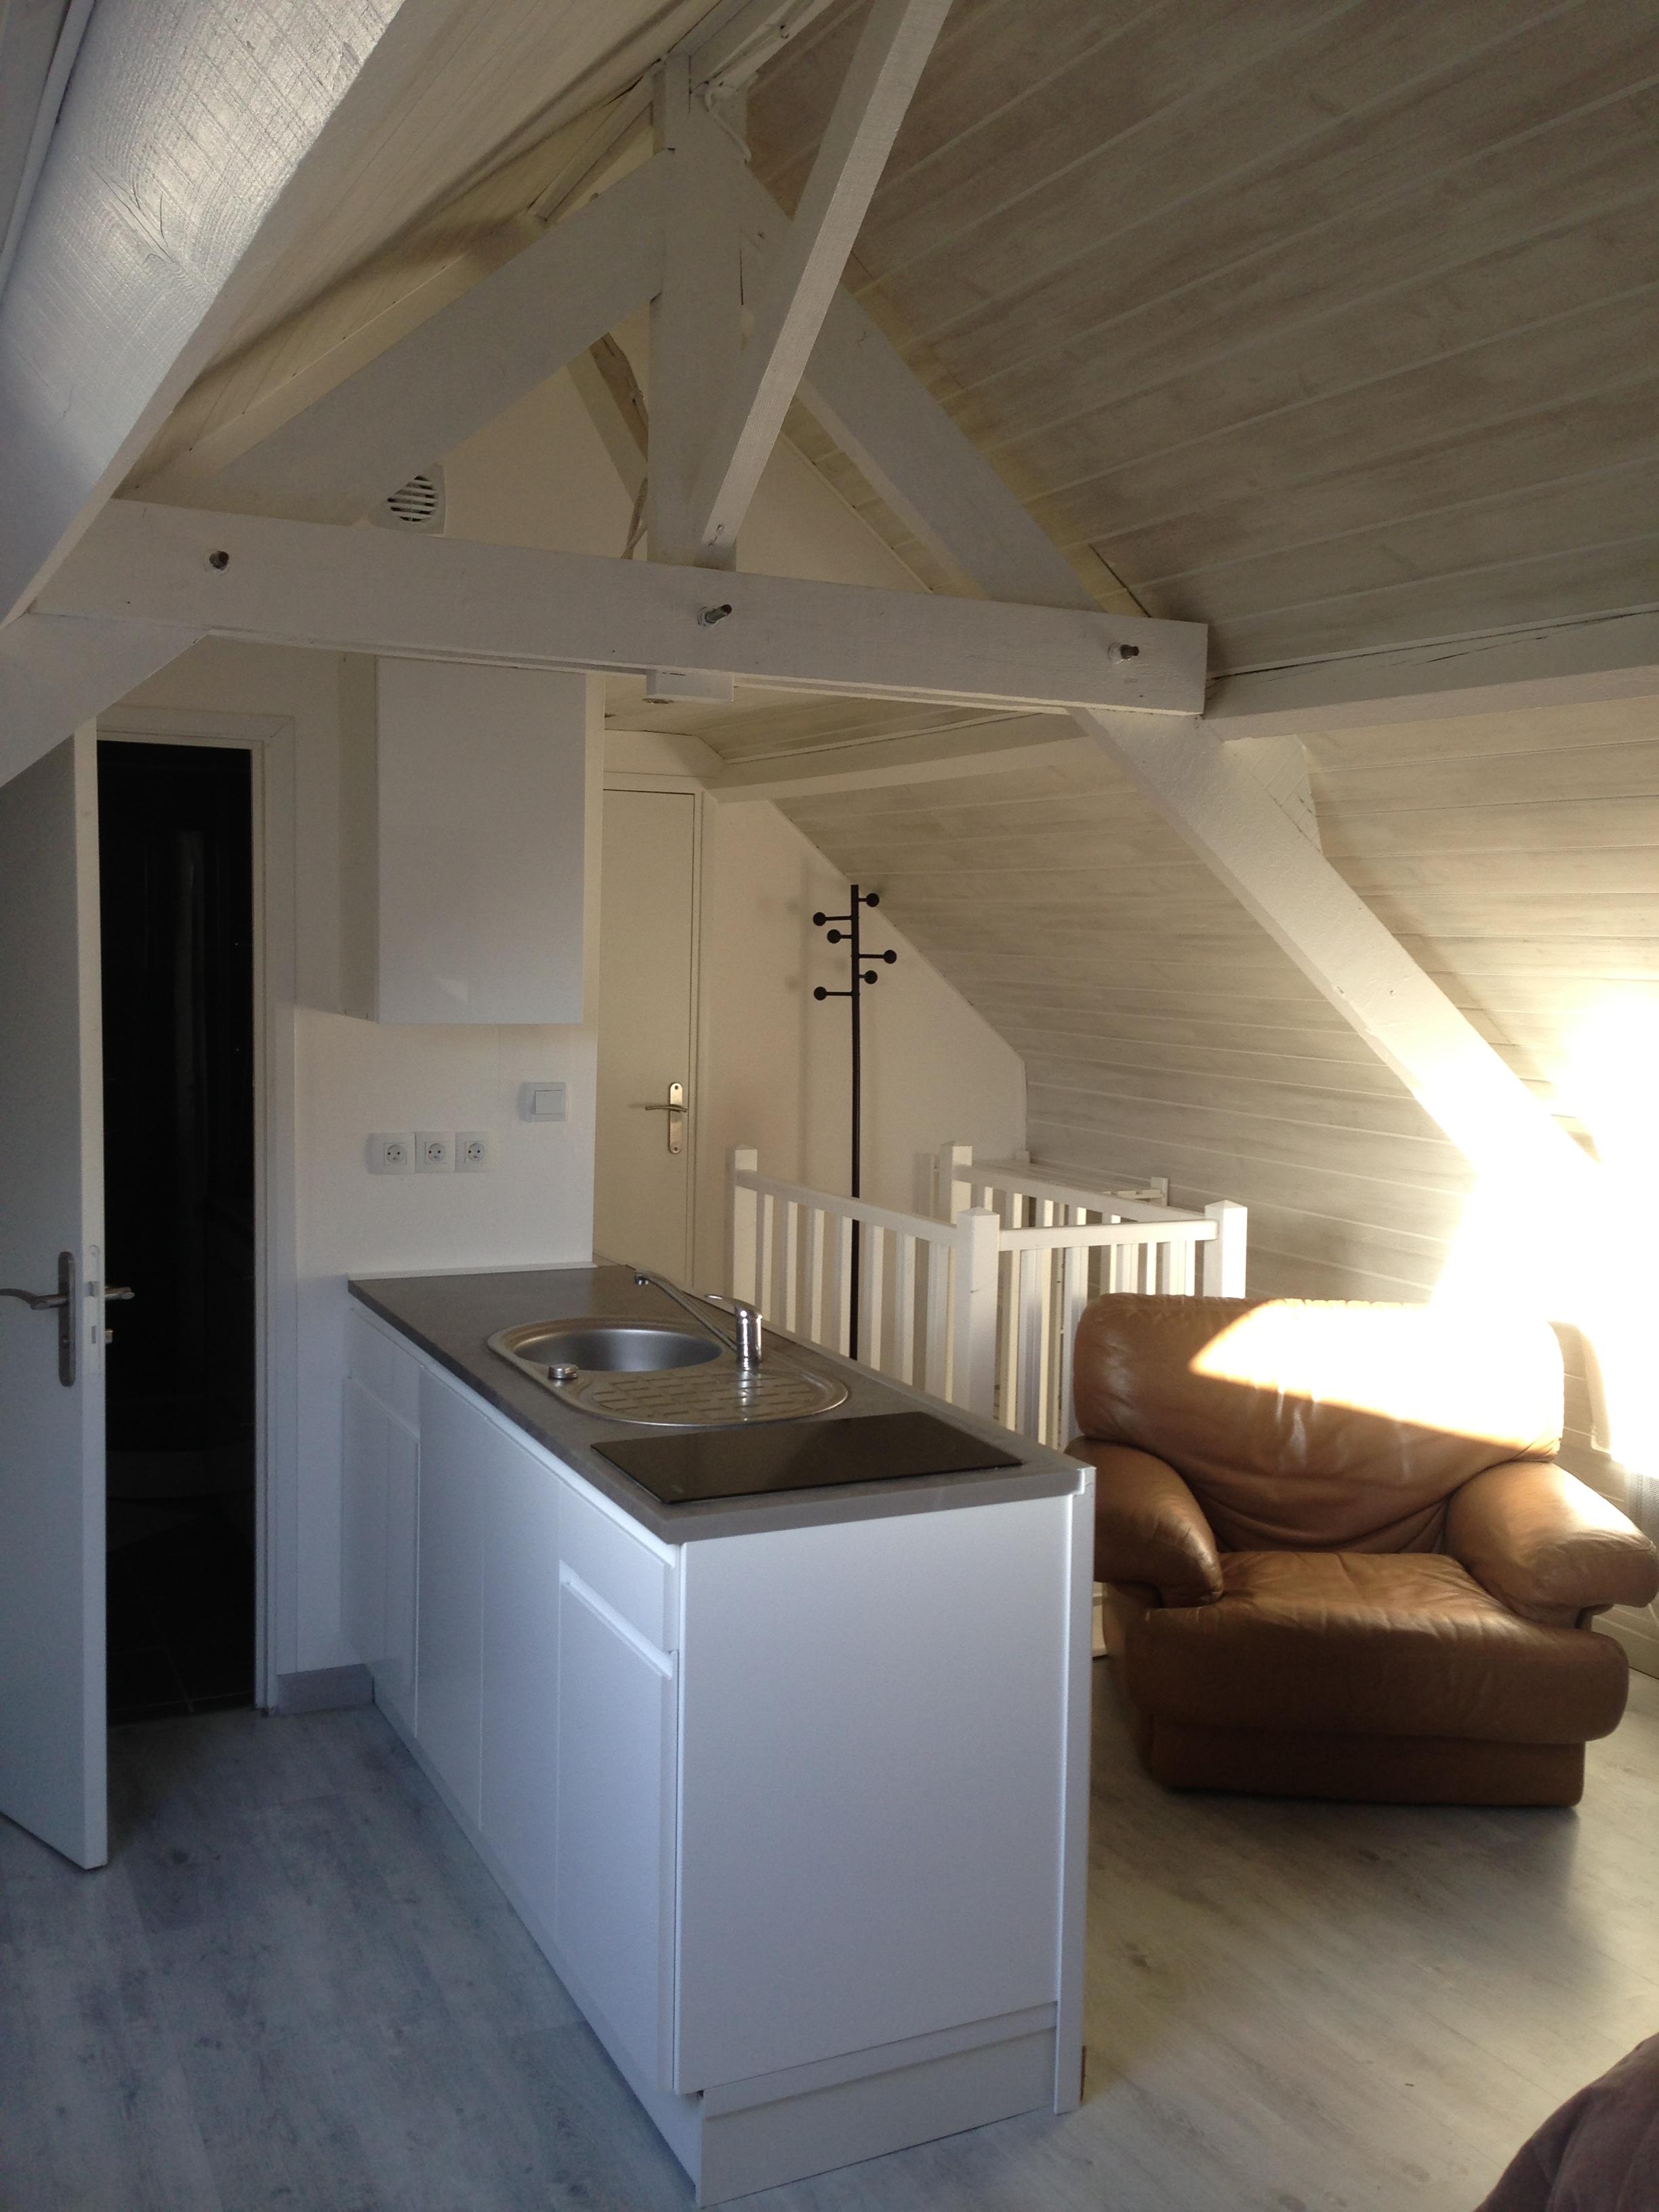 LOCATION DUN STUDIO A BRAY DUNES 59123  Un studio charmant  Bray Dunes 59123  louer pour